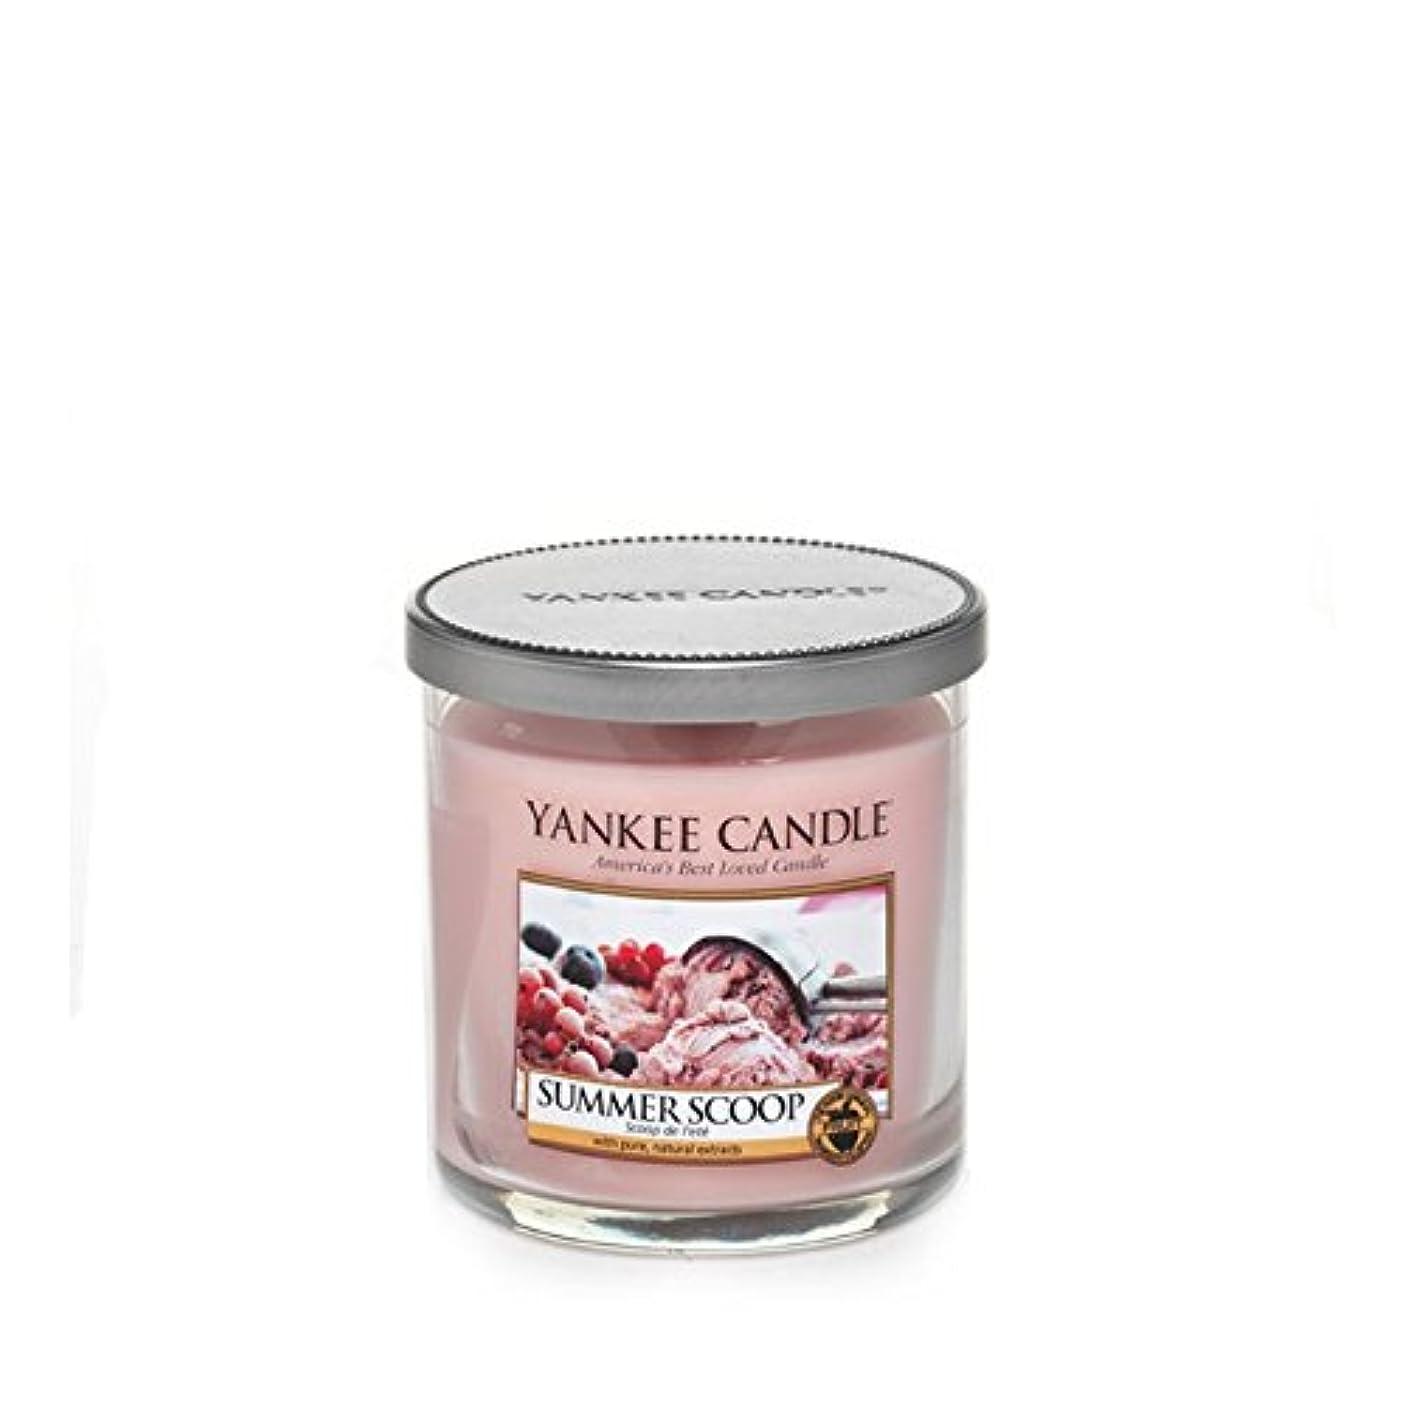 批判的絶滅させるのぞき穴Yankee Candles Small Pillar Candle - Summer Scoop (Pack of 6) - ヤンキーキャンドルの小さな柱キャンドル - 夏のスクープ (x6) [並行輸入品]